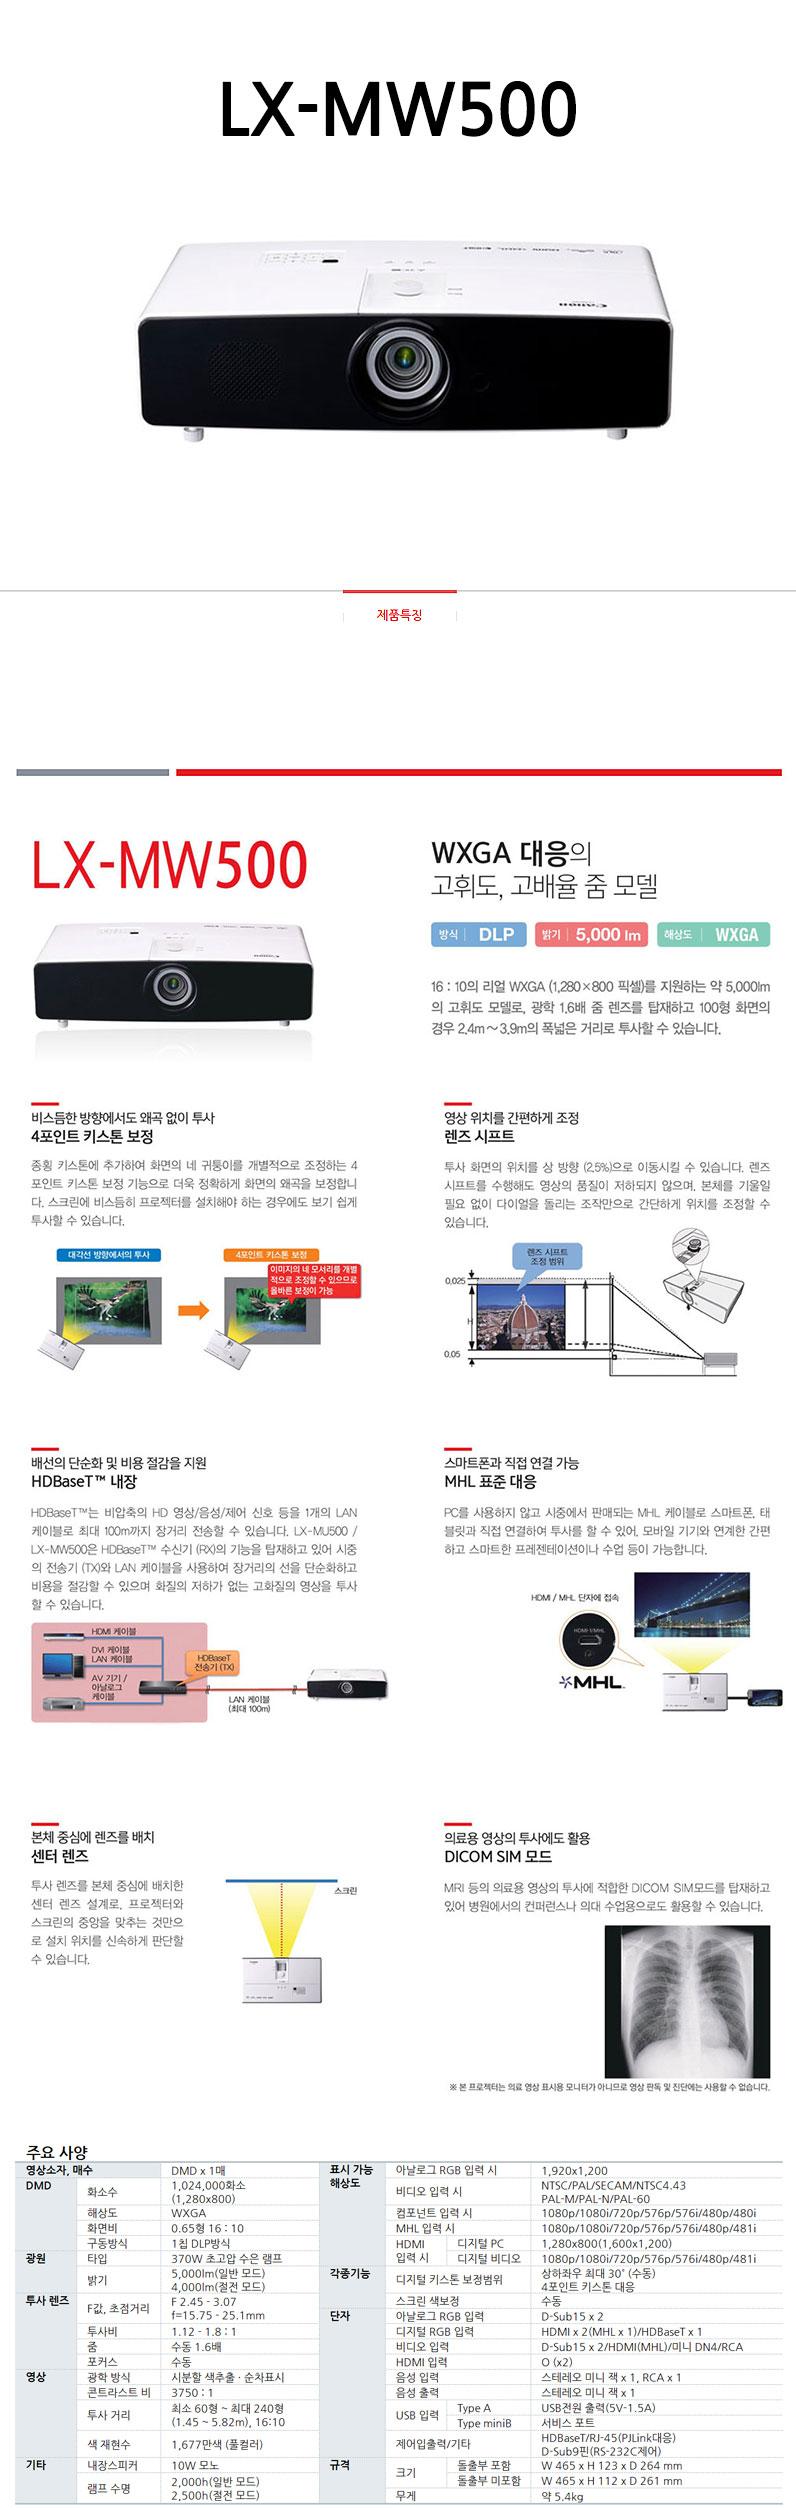 캐논 LX-MW500 프로젝터